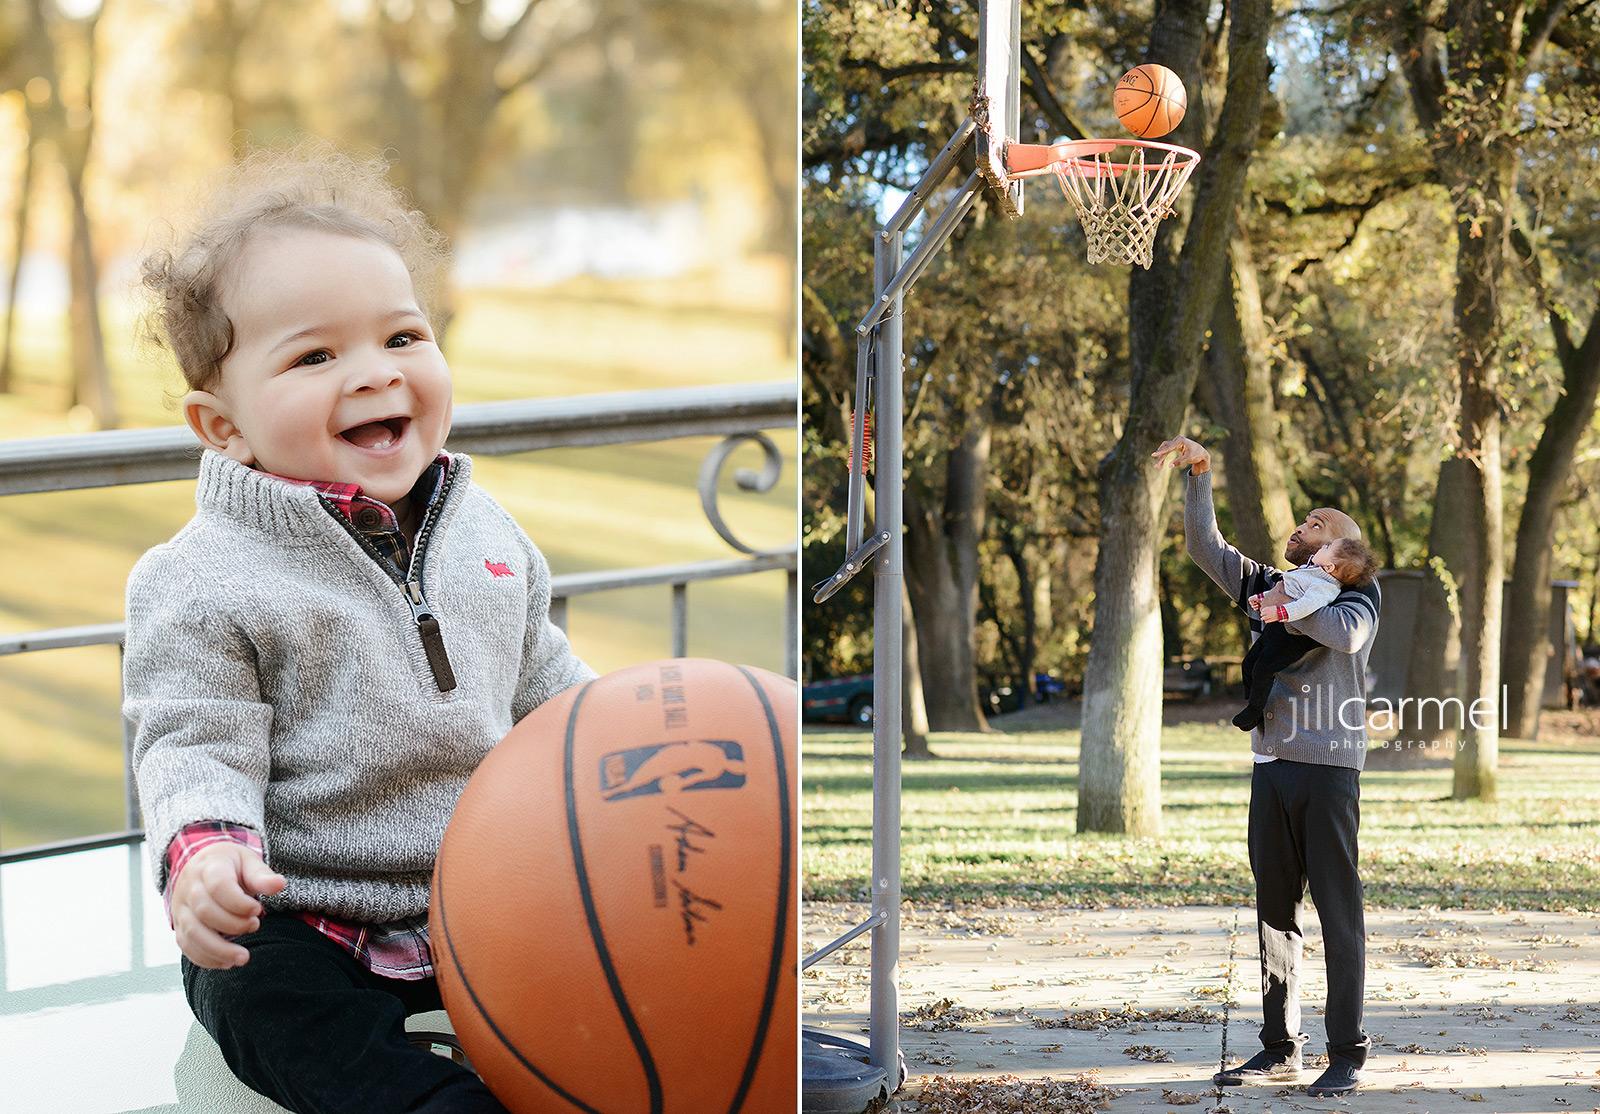 Vince Carter and Baby Boy Shooting Some Basketball